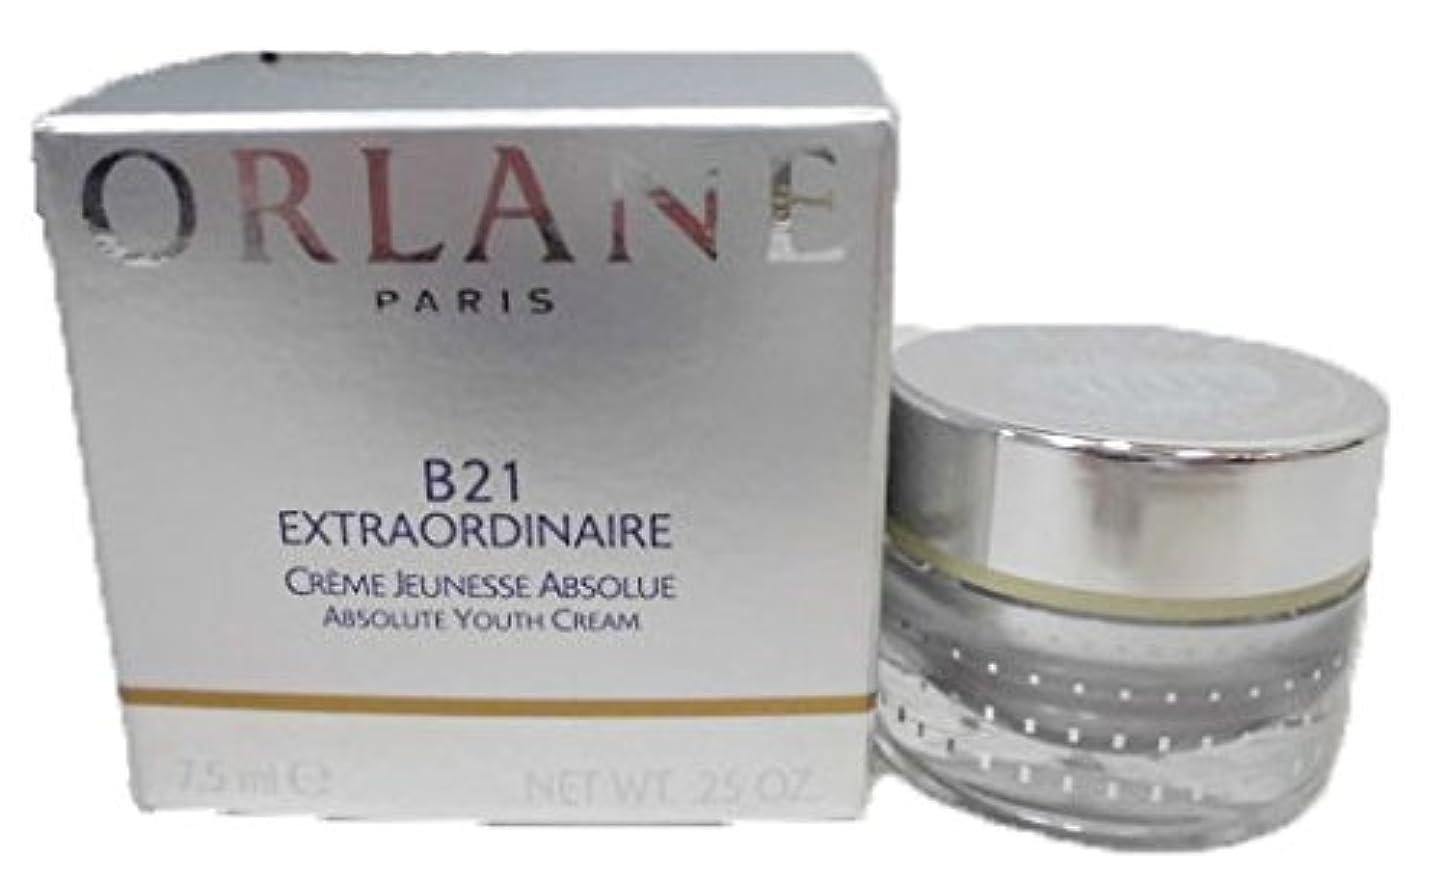 テニス復讐仕事に行くオルラーヌ ORLANE B21 エクストラオーディネール クリーム 7.5mL ミニサイズ